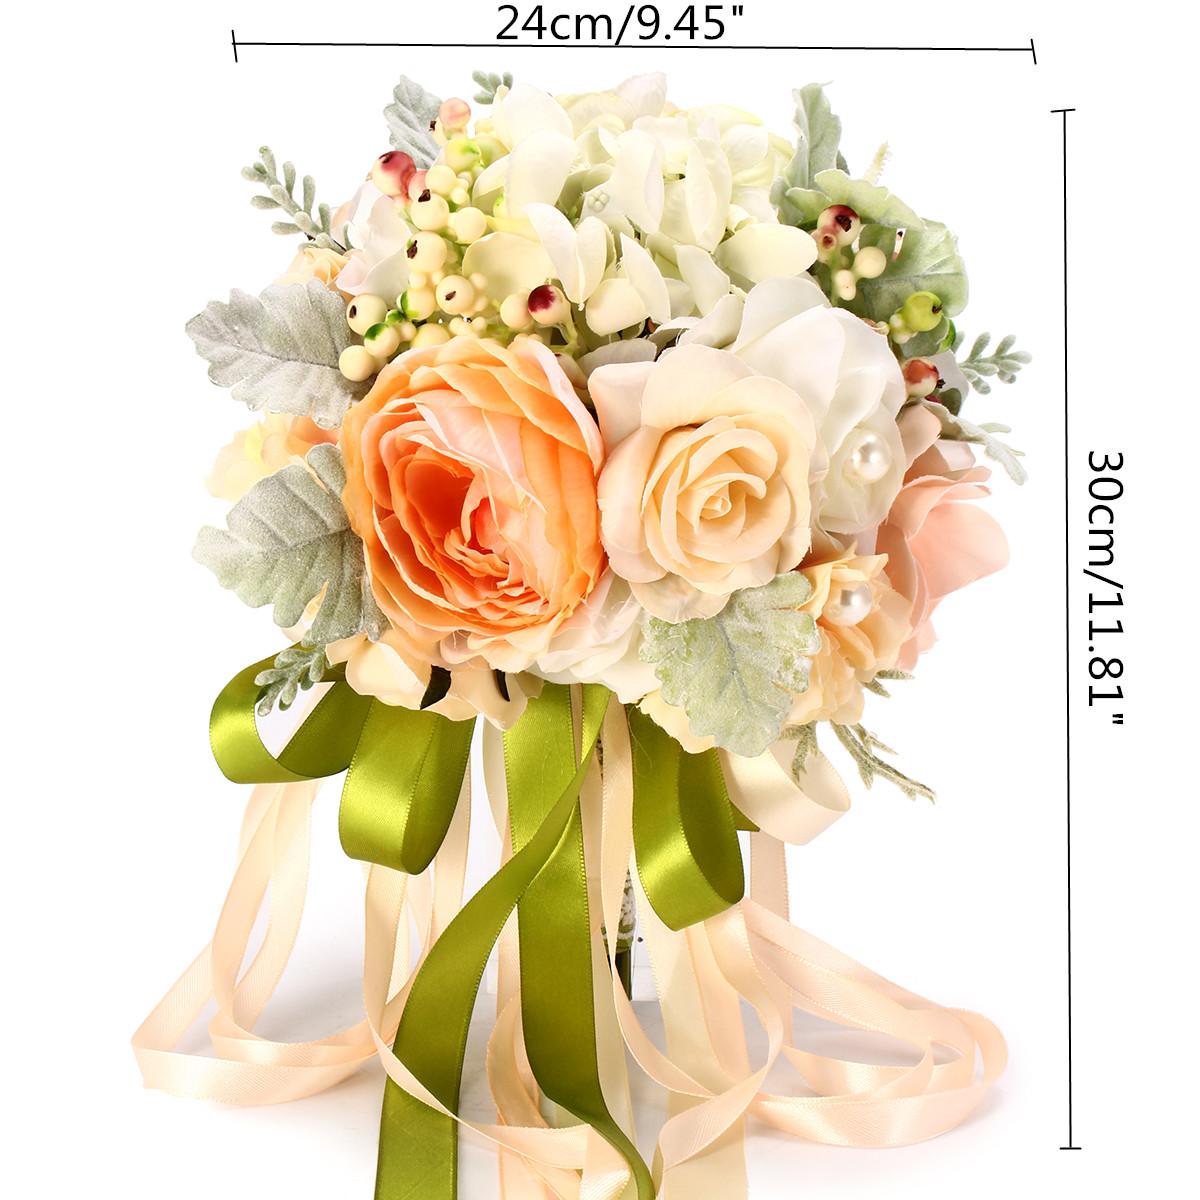 Brautstrauss Hochzeitsstrauss Blumenstrauss Braut Brautjungfer Haus